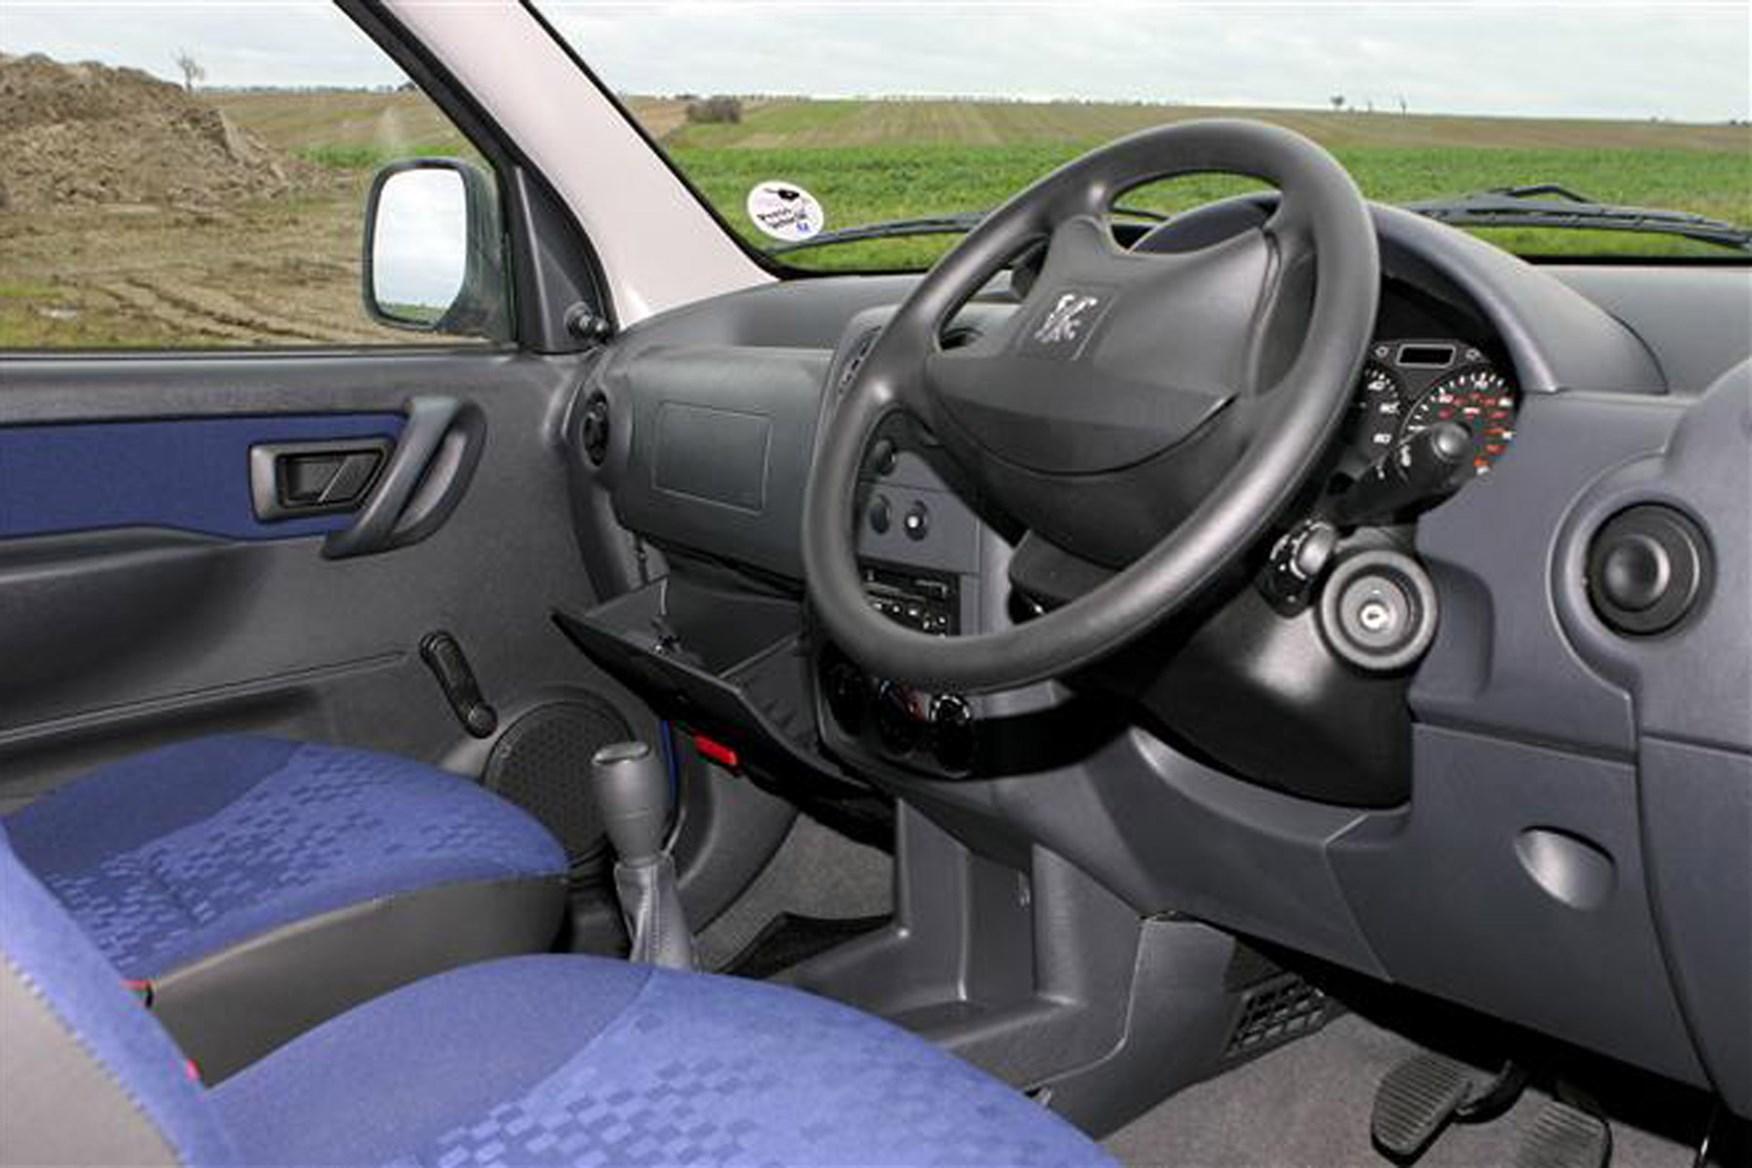 Peugeot Partner van review (2002-2010) | Parkers